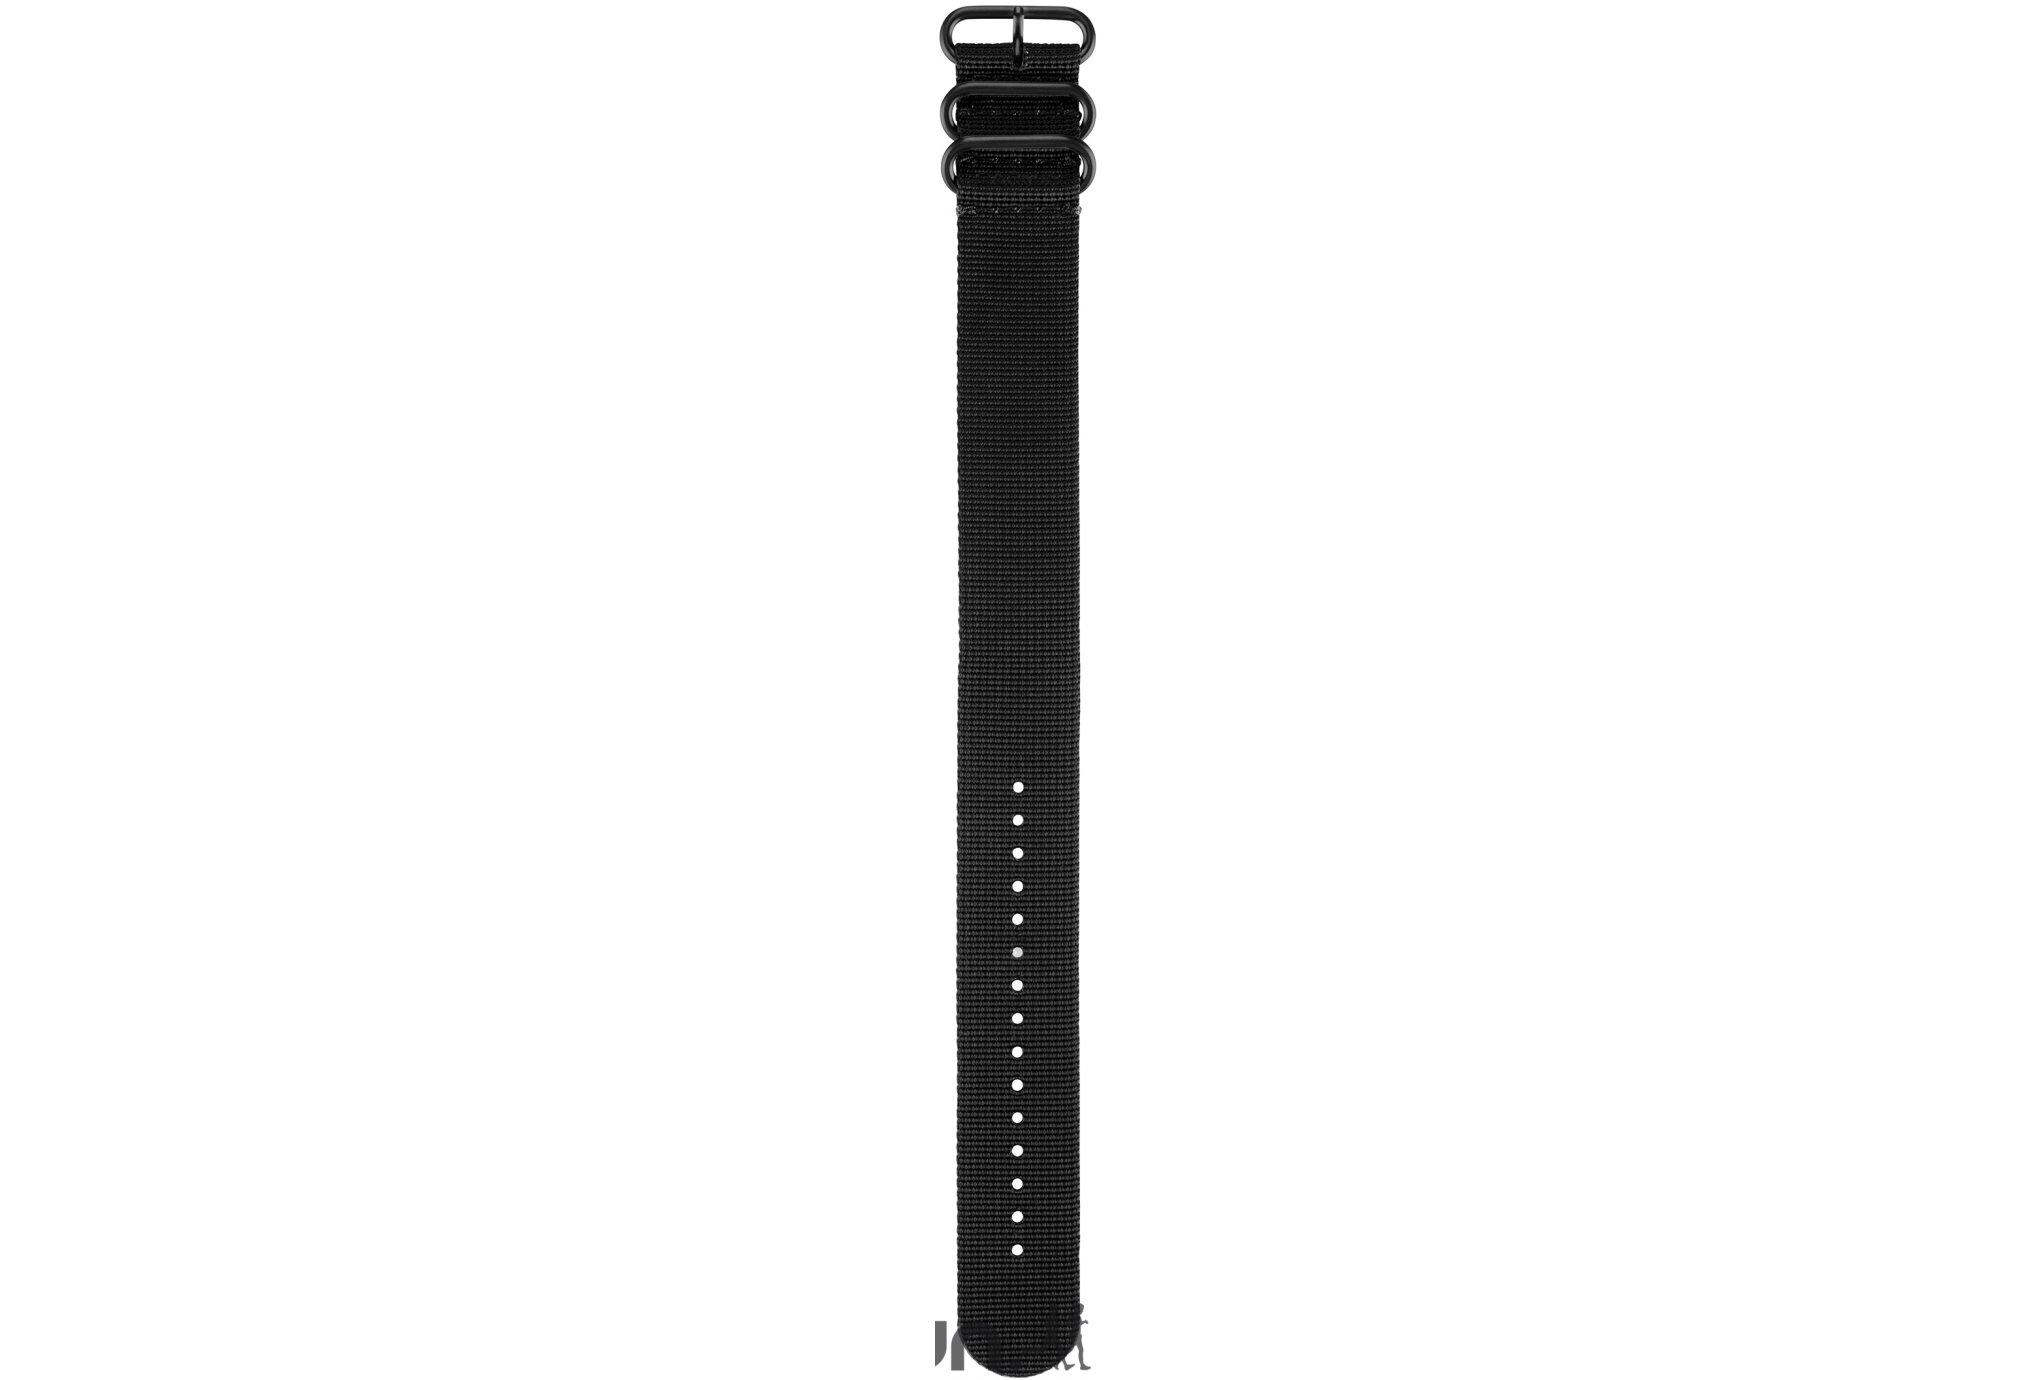 Garmin Bracelet de montre en nylon pour fenix 3 accessoires montres/ bracelets